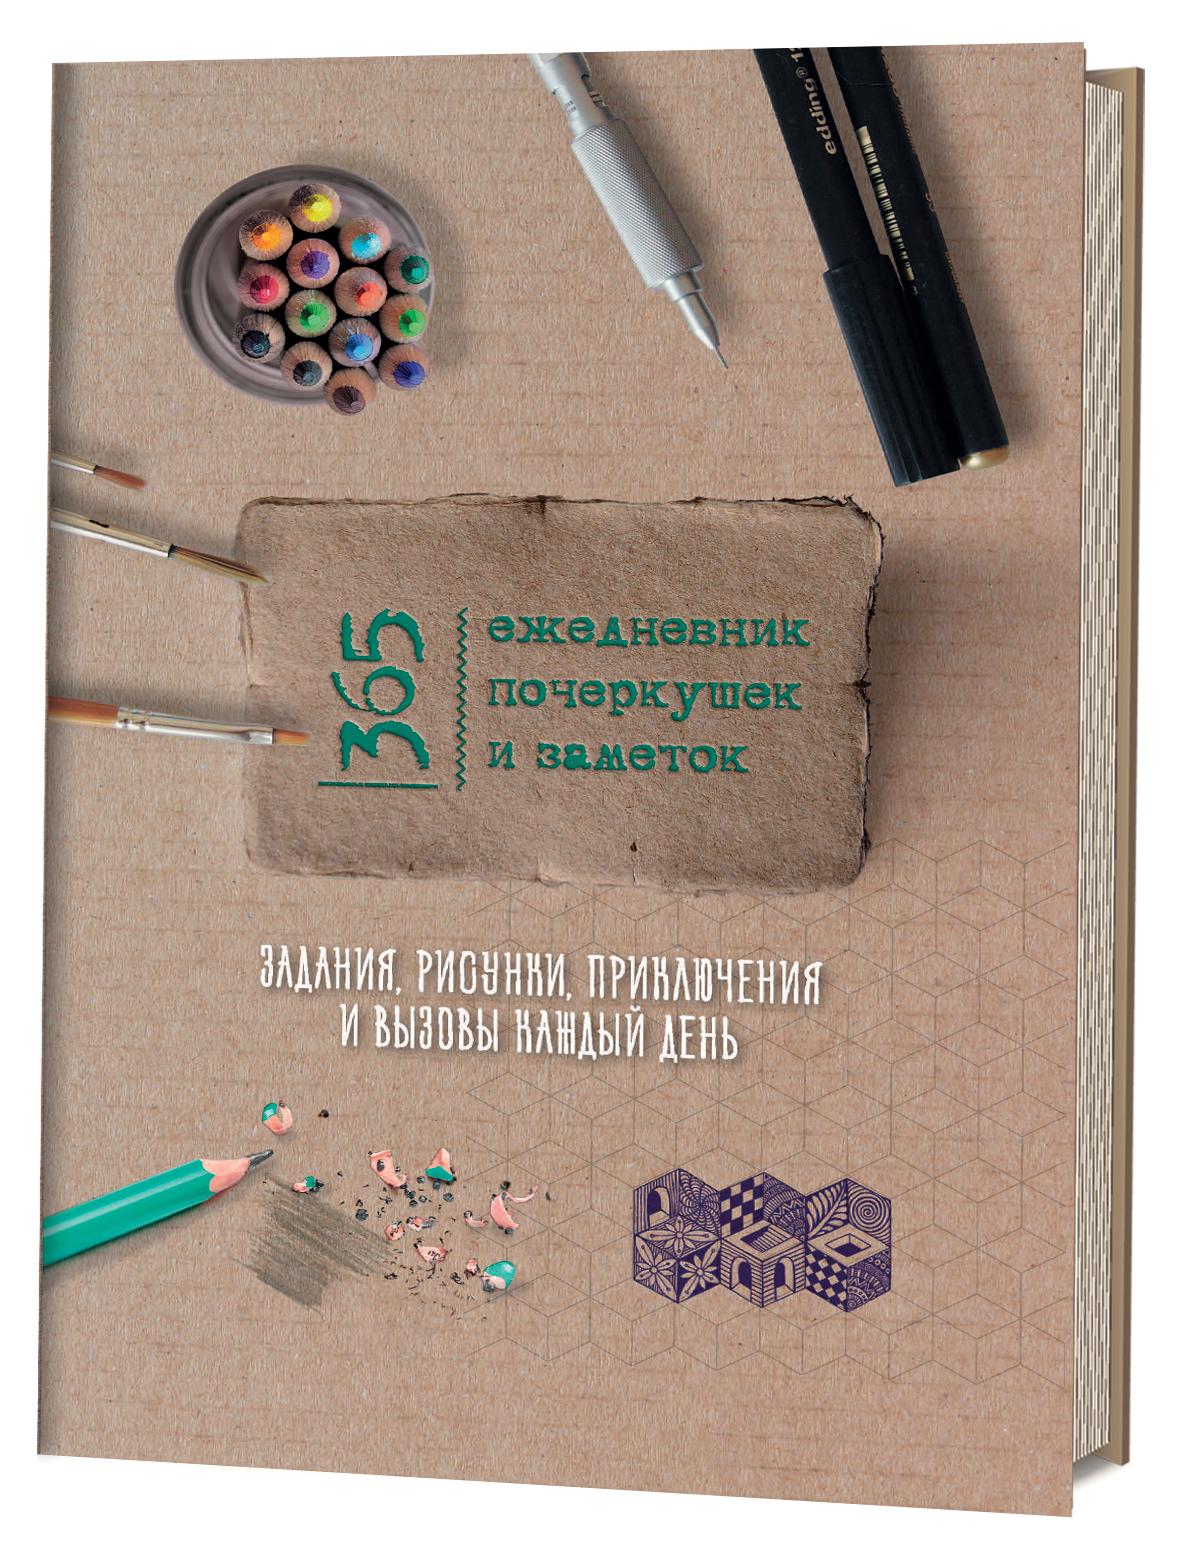 Анастасия Потапова 365. Ежедневник почеркушек и заметок. Задания, рисунки, приключения и вызовы каждый день желай делай ежедневник